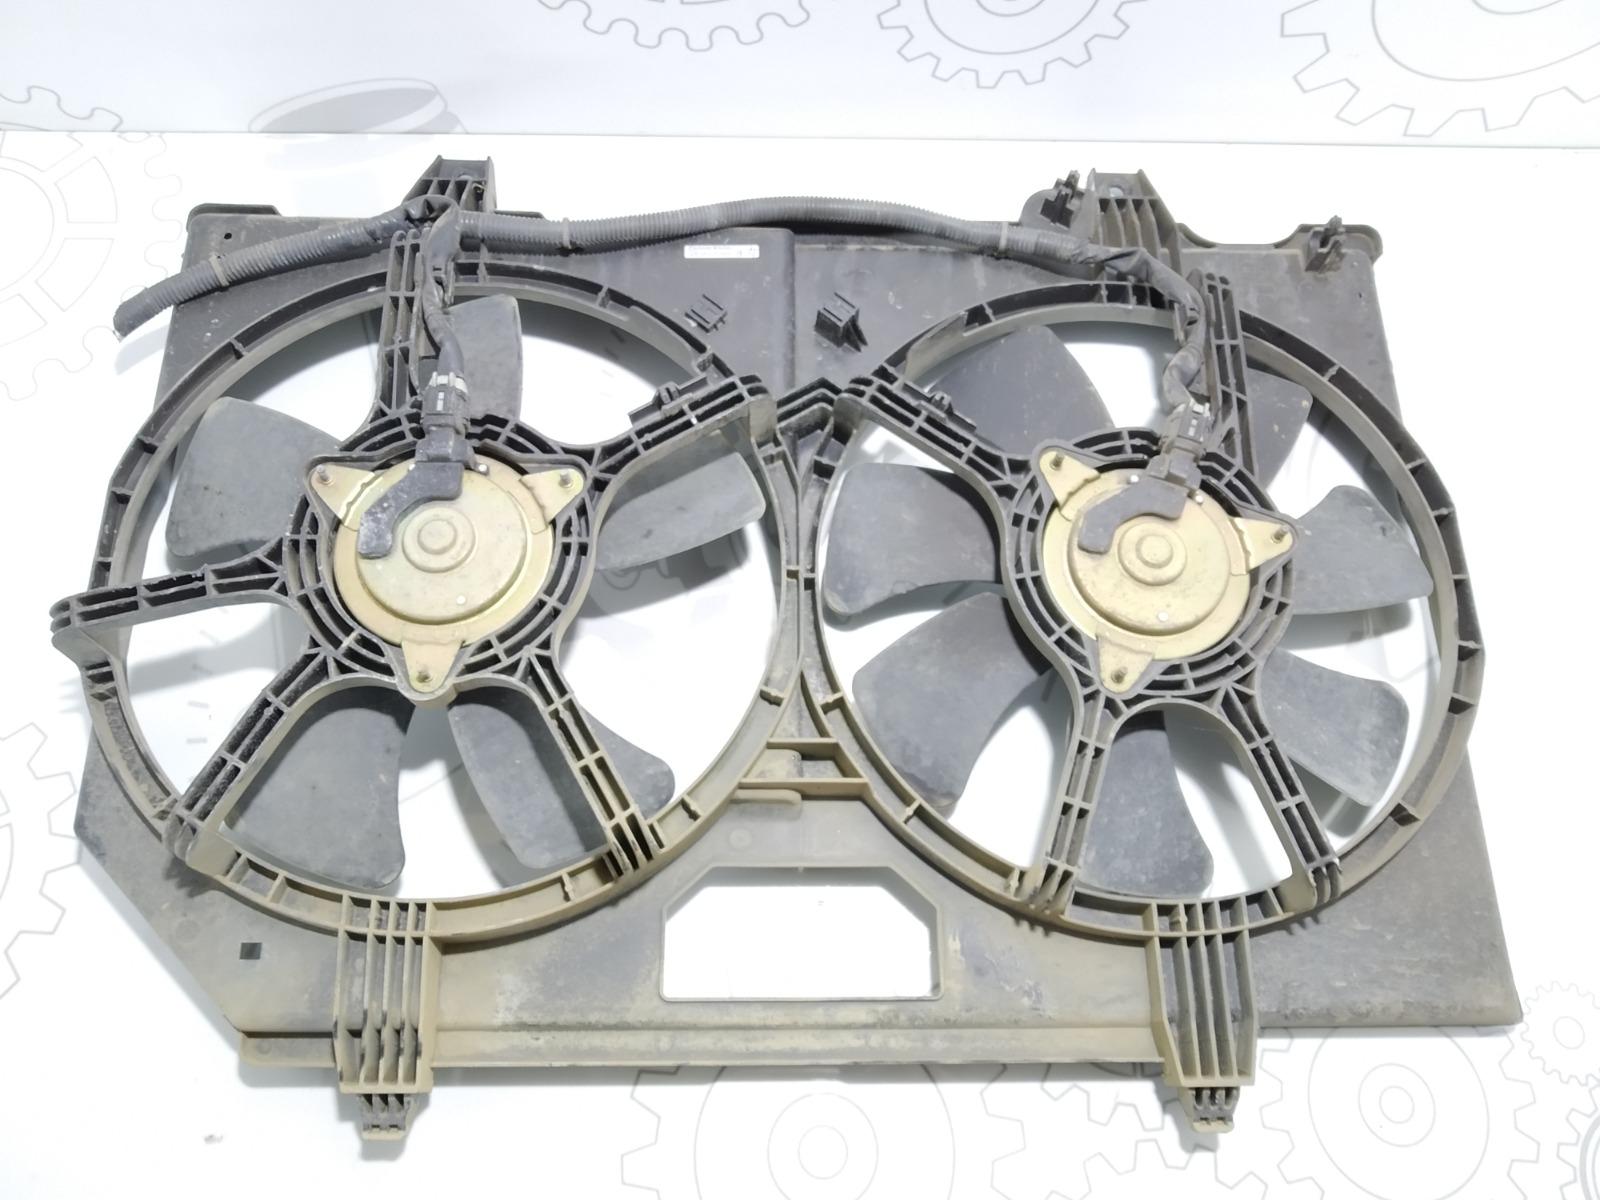 Вентилятор радиатора Nissan X-Trail T30 2.0 I 2002 (б/у)